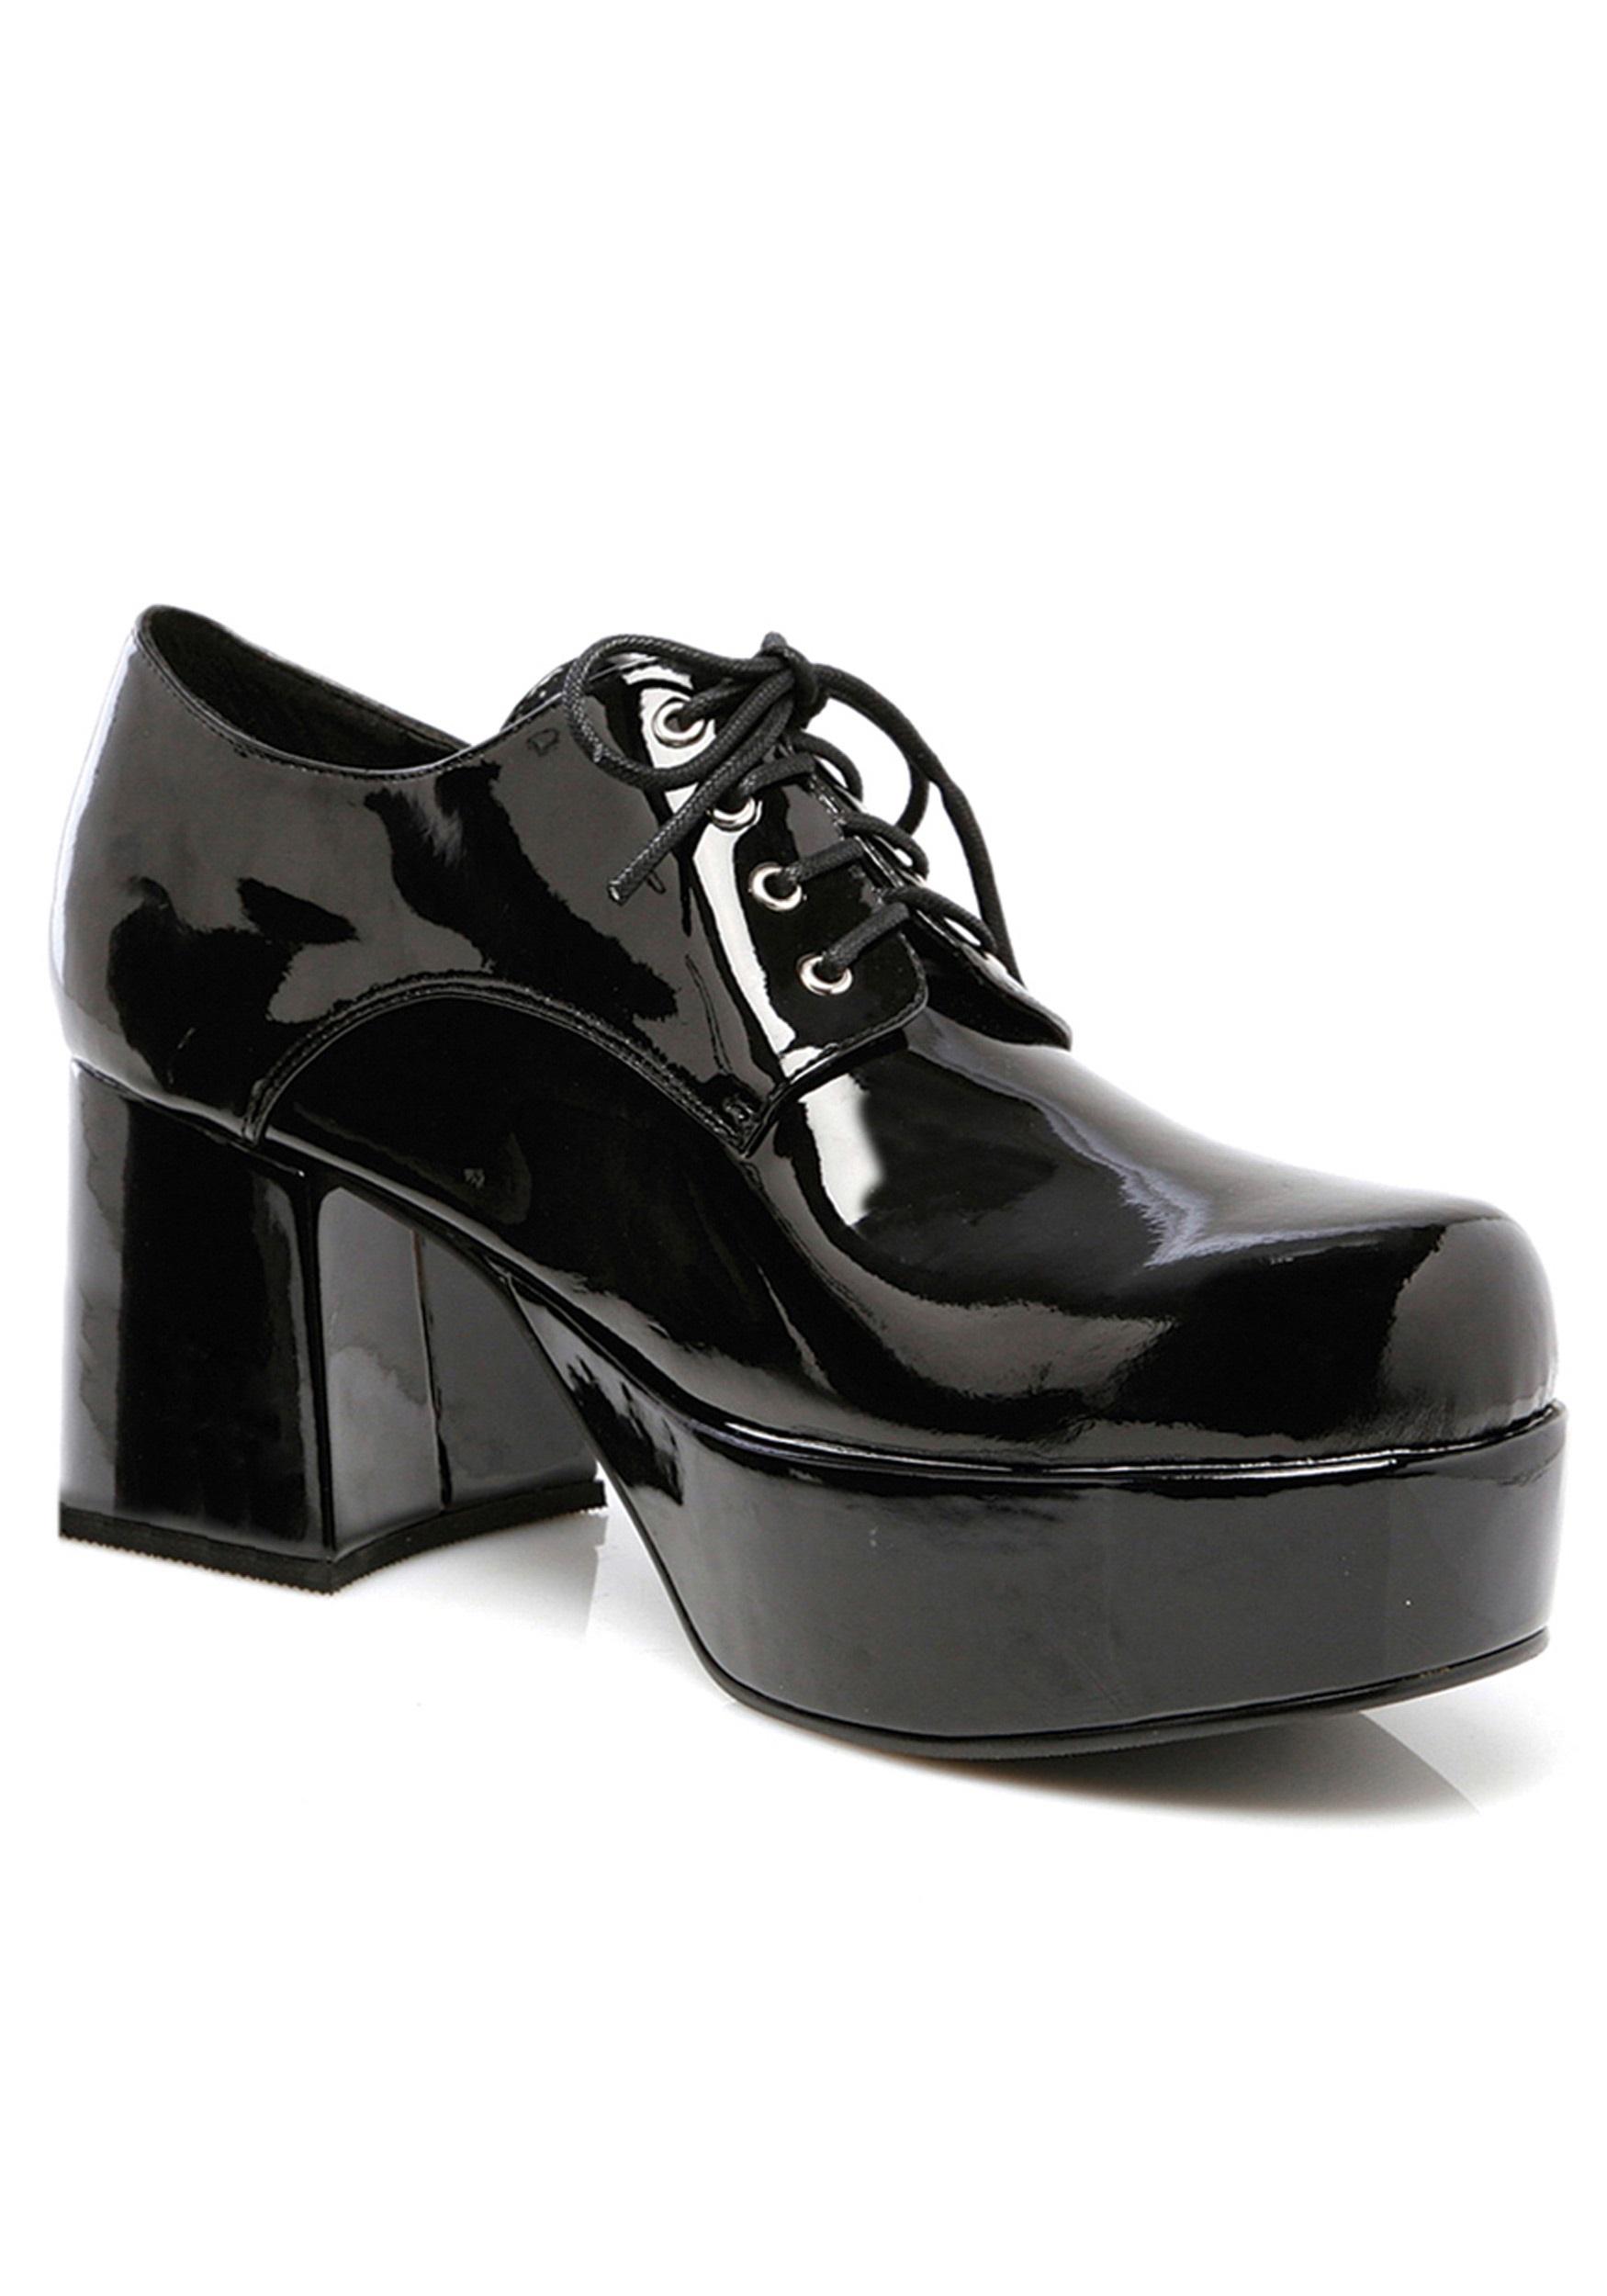 Black Pimp Shoes for Men